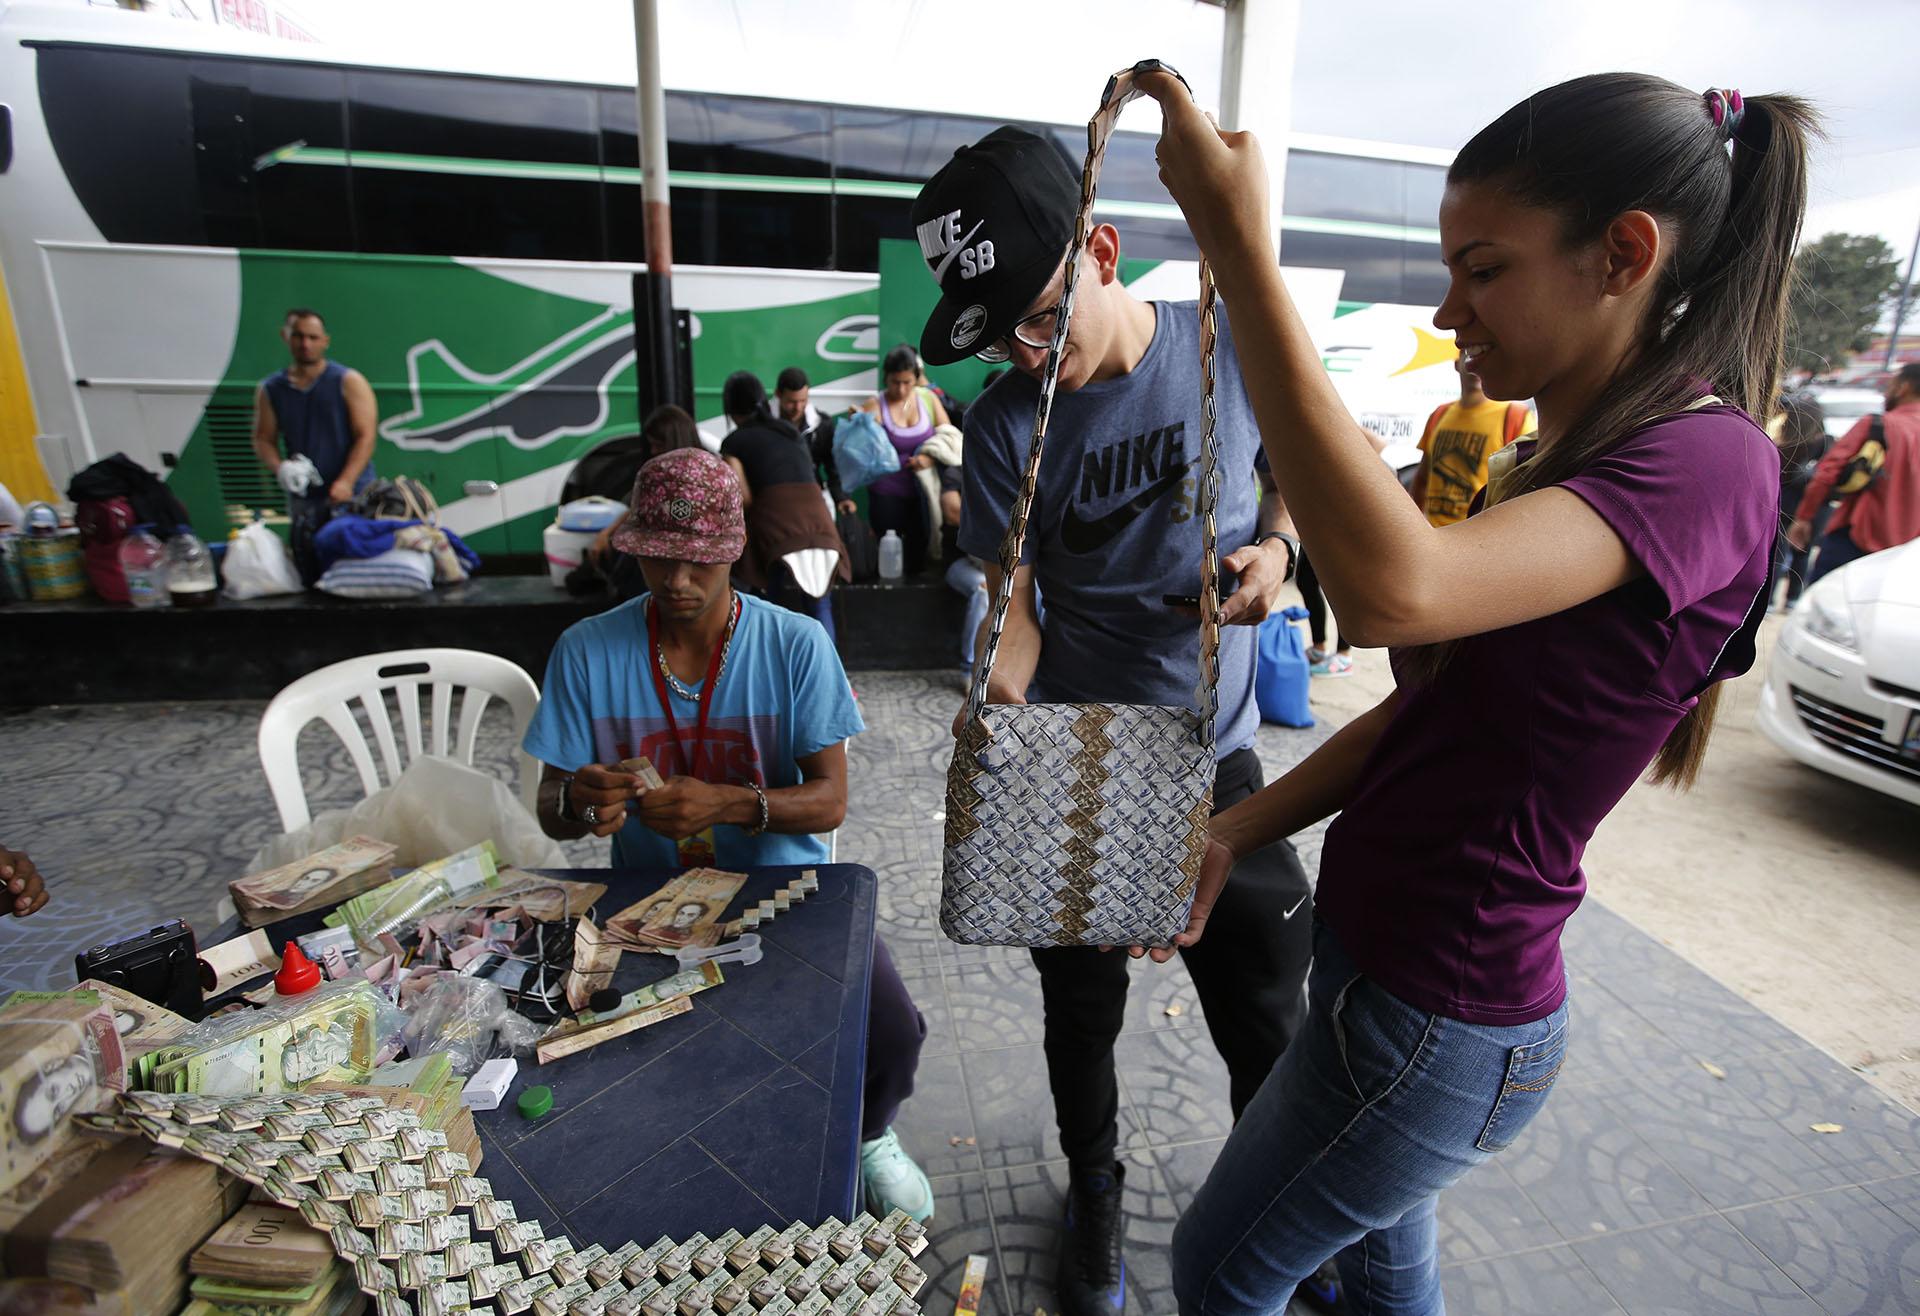 clientes observan un bolso hecho con billetes, vendido por entre 10 y 15 dólares